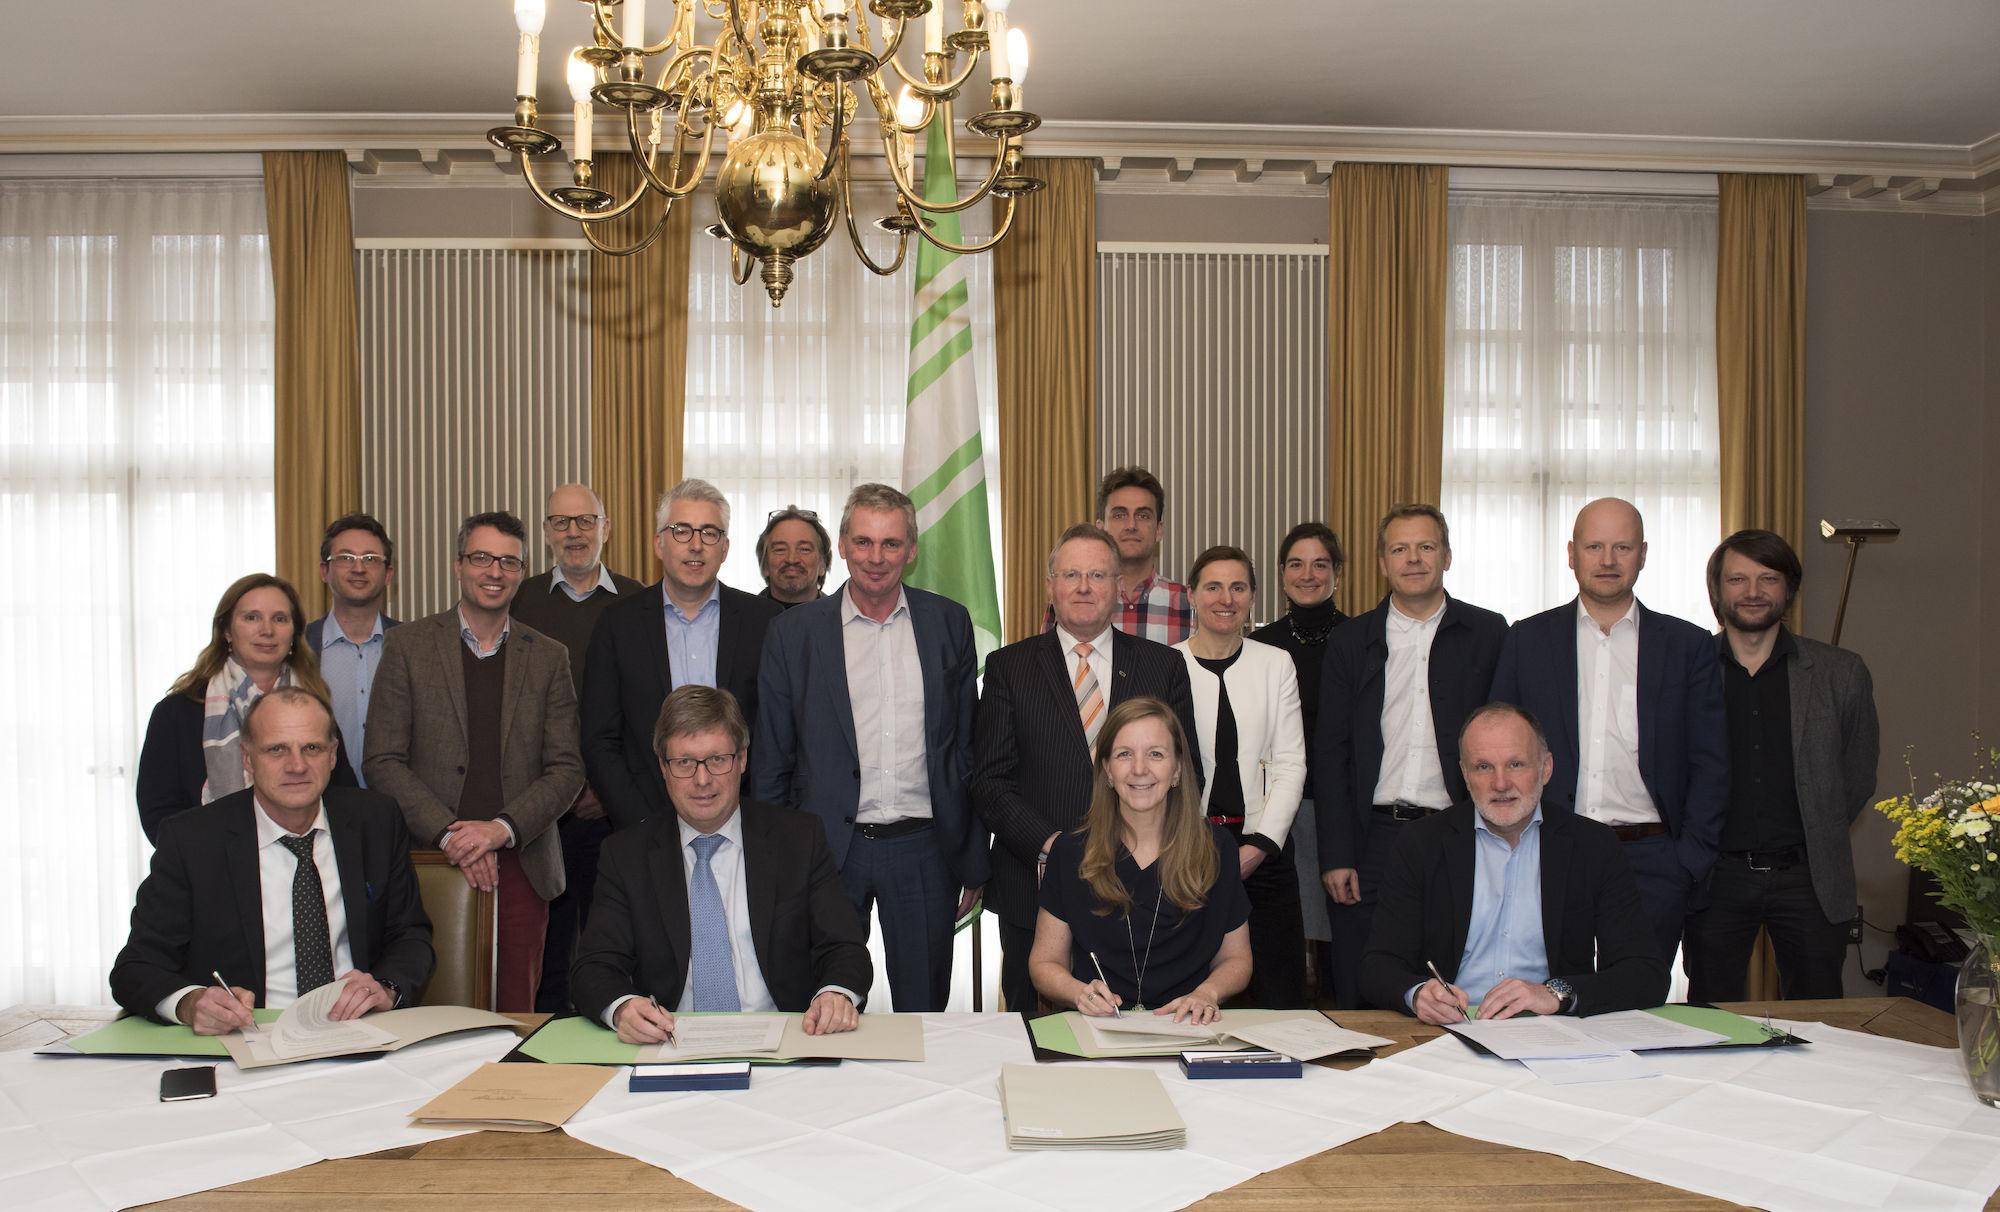 180309 ondertekening overeenkomst realisatie Leopoldskazerne